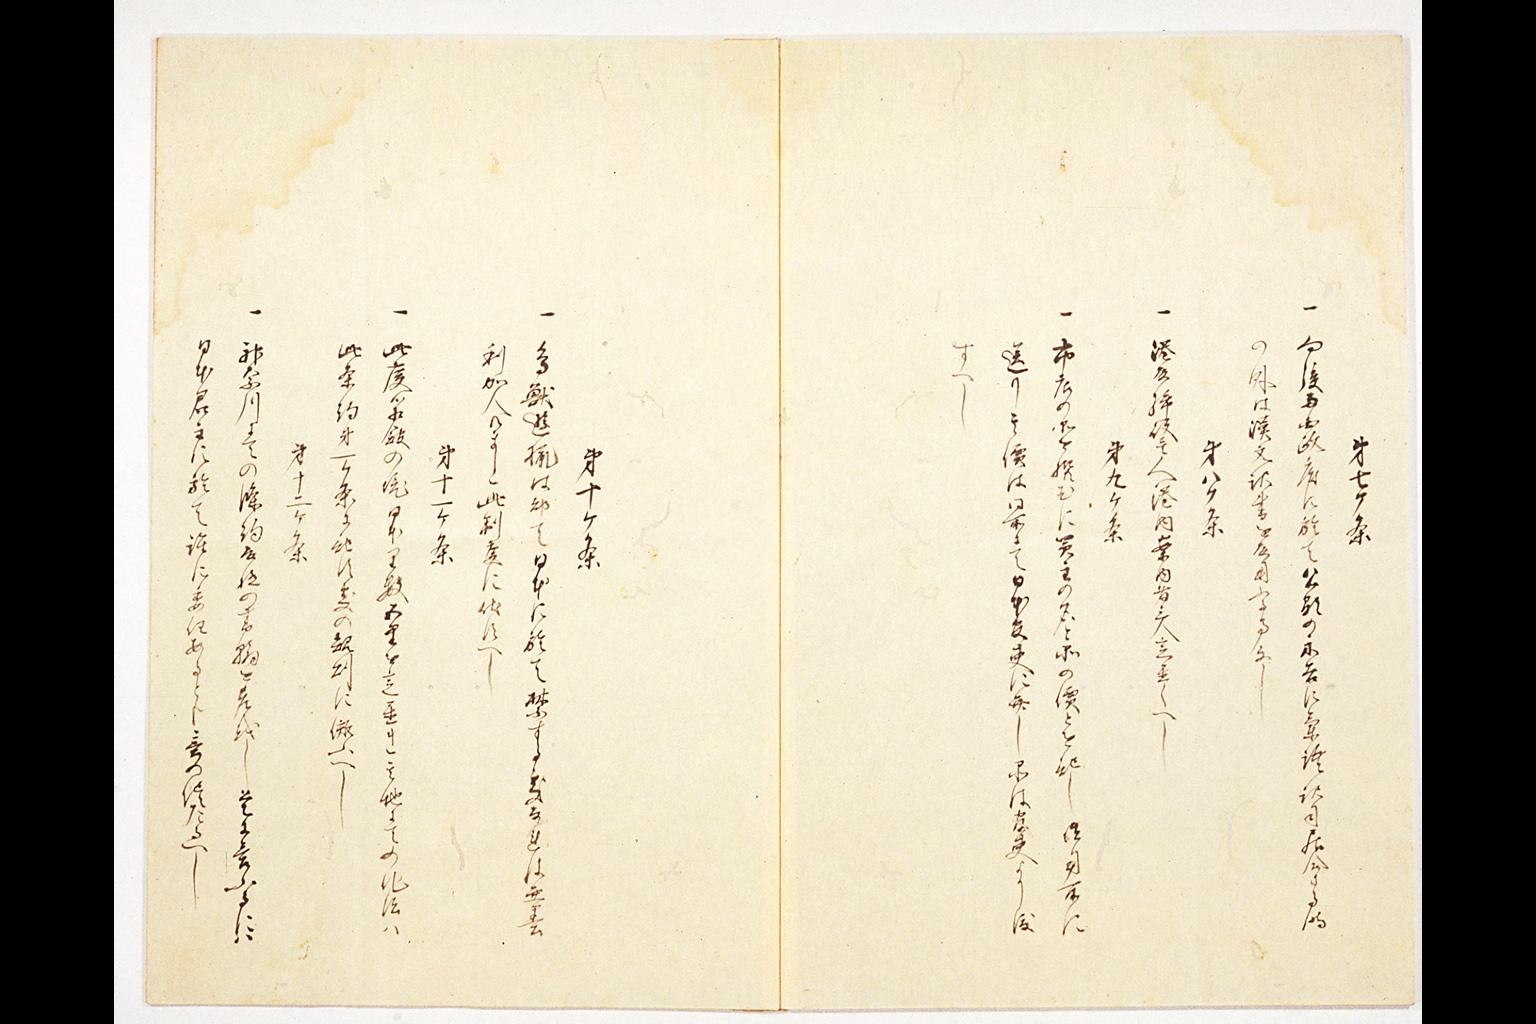 日米和親条約写](拡大画像 10-12...